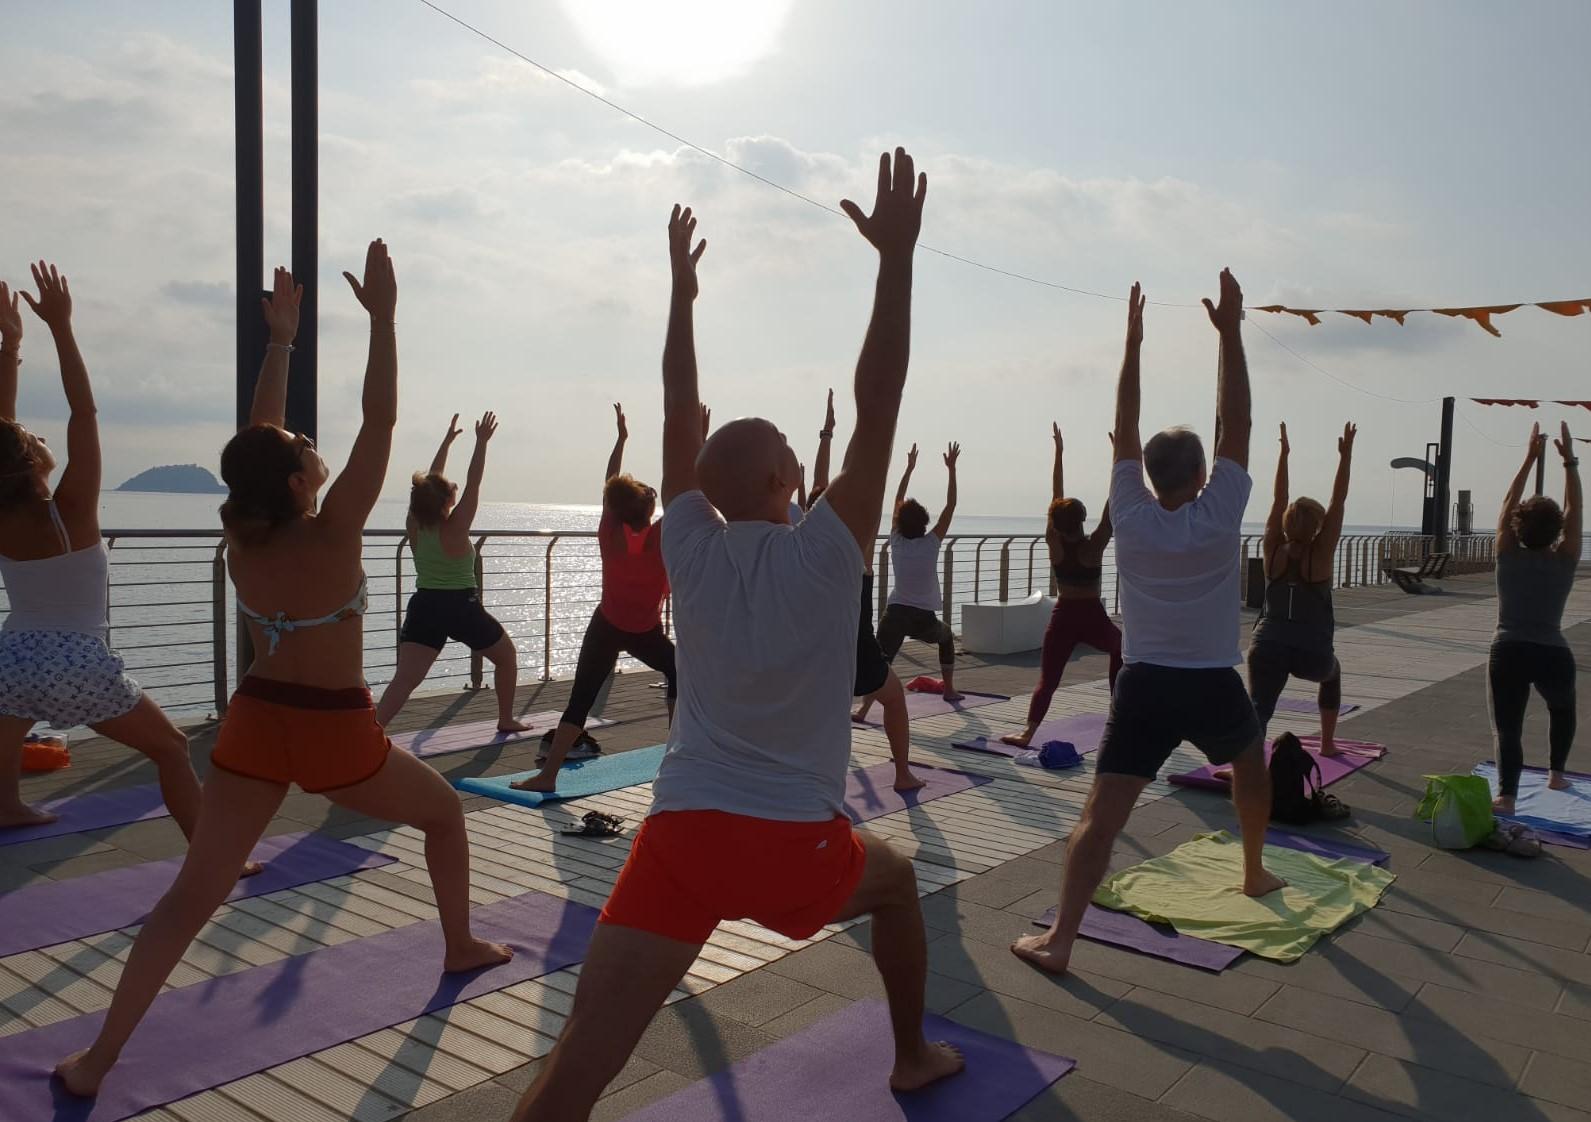 essere-free-yoga-gratuito-benessere-per-tutti-village-citta-alassio-estate-lucia-ragazzi-summer-town-wellness-081